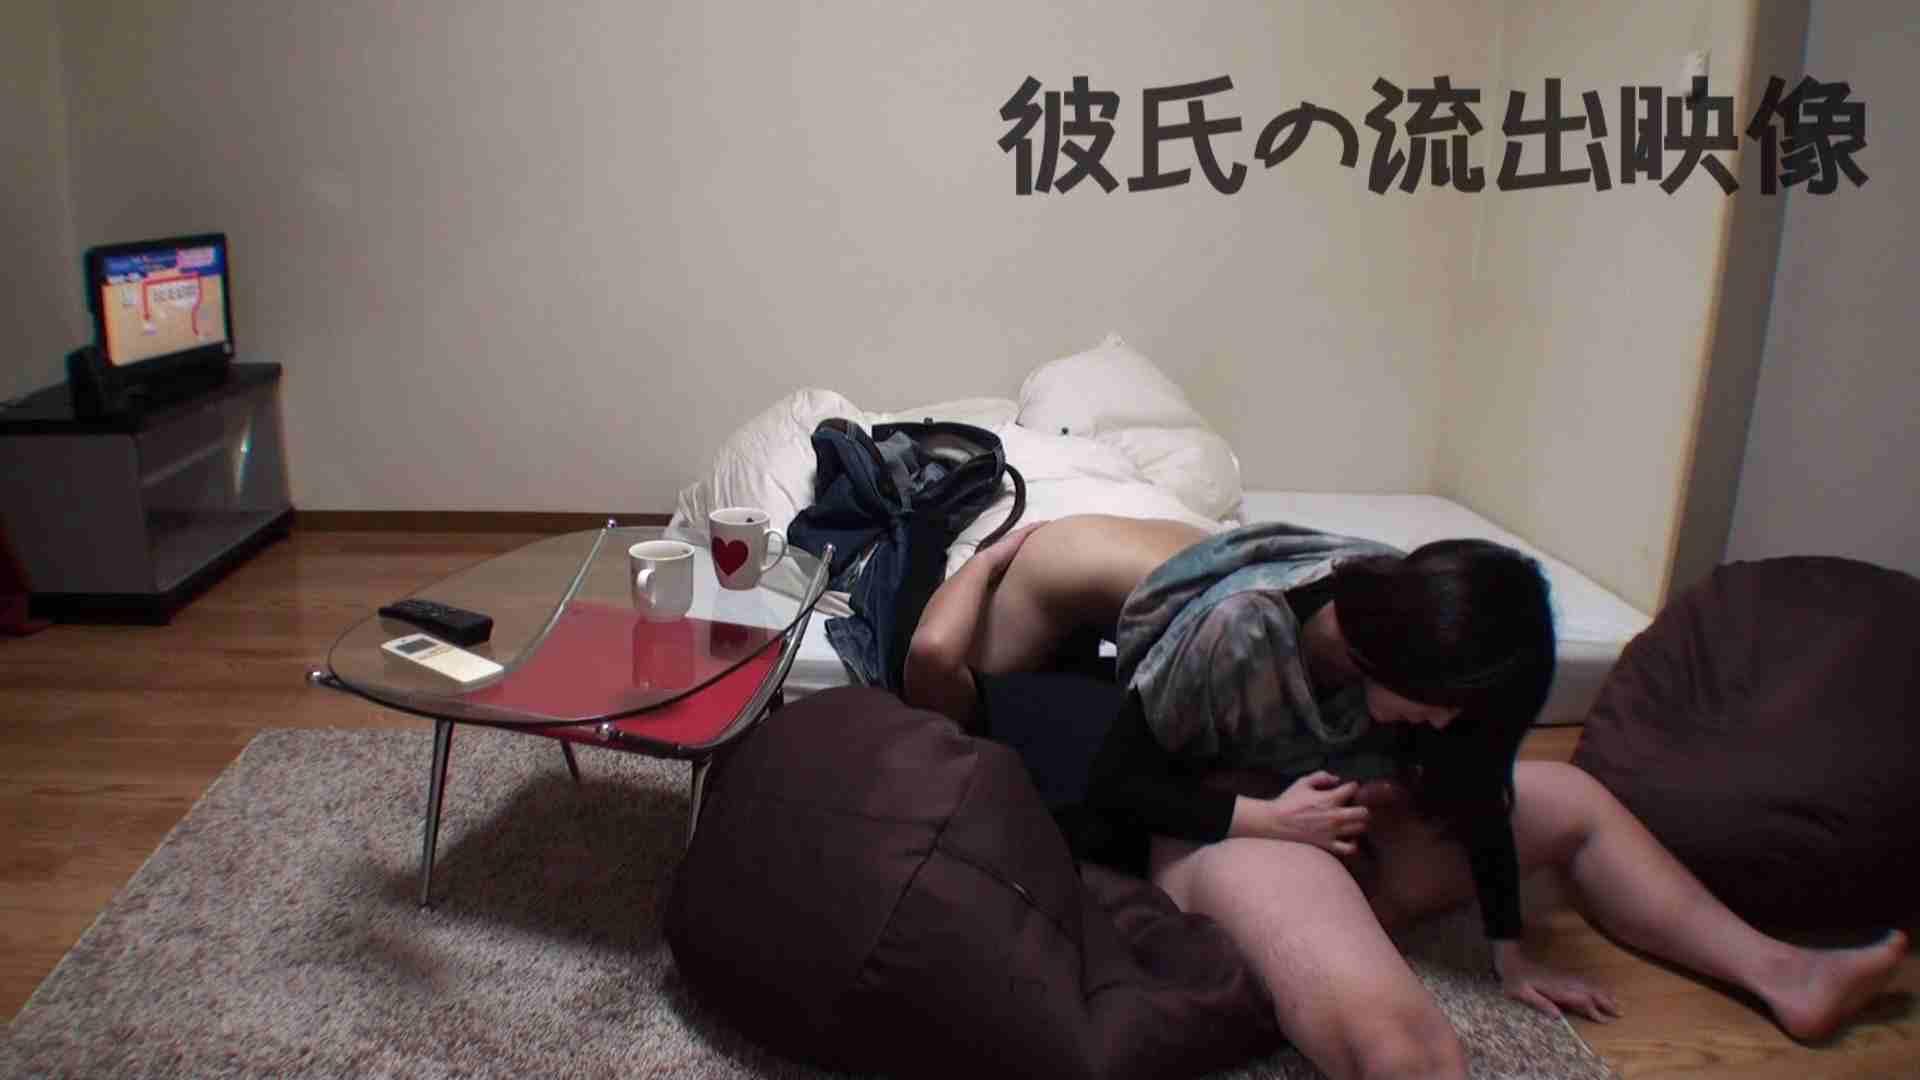 彼氏が流出 パイパン素人嬢のハメ撮り映像02 フェラ セックス無修正動画無料 73PIX 51